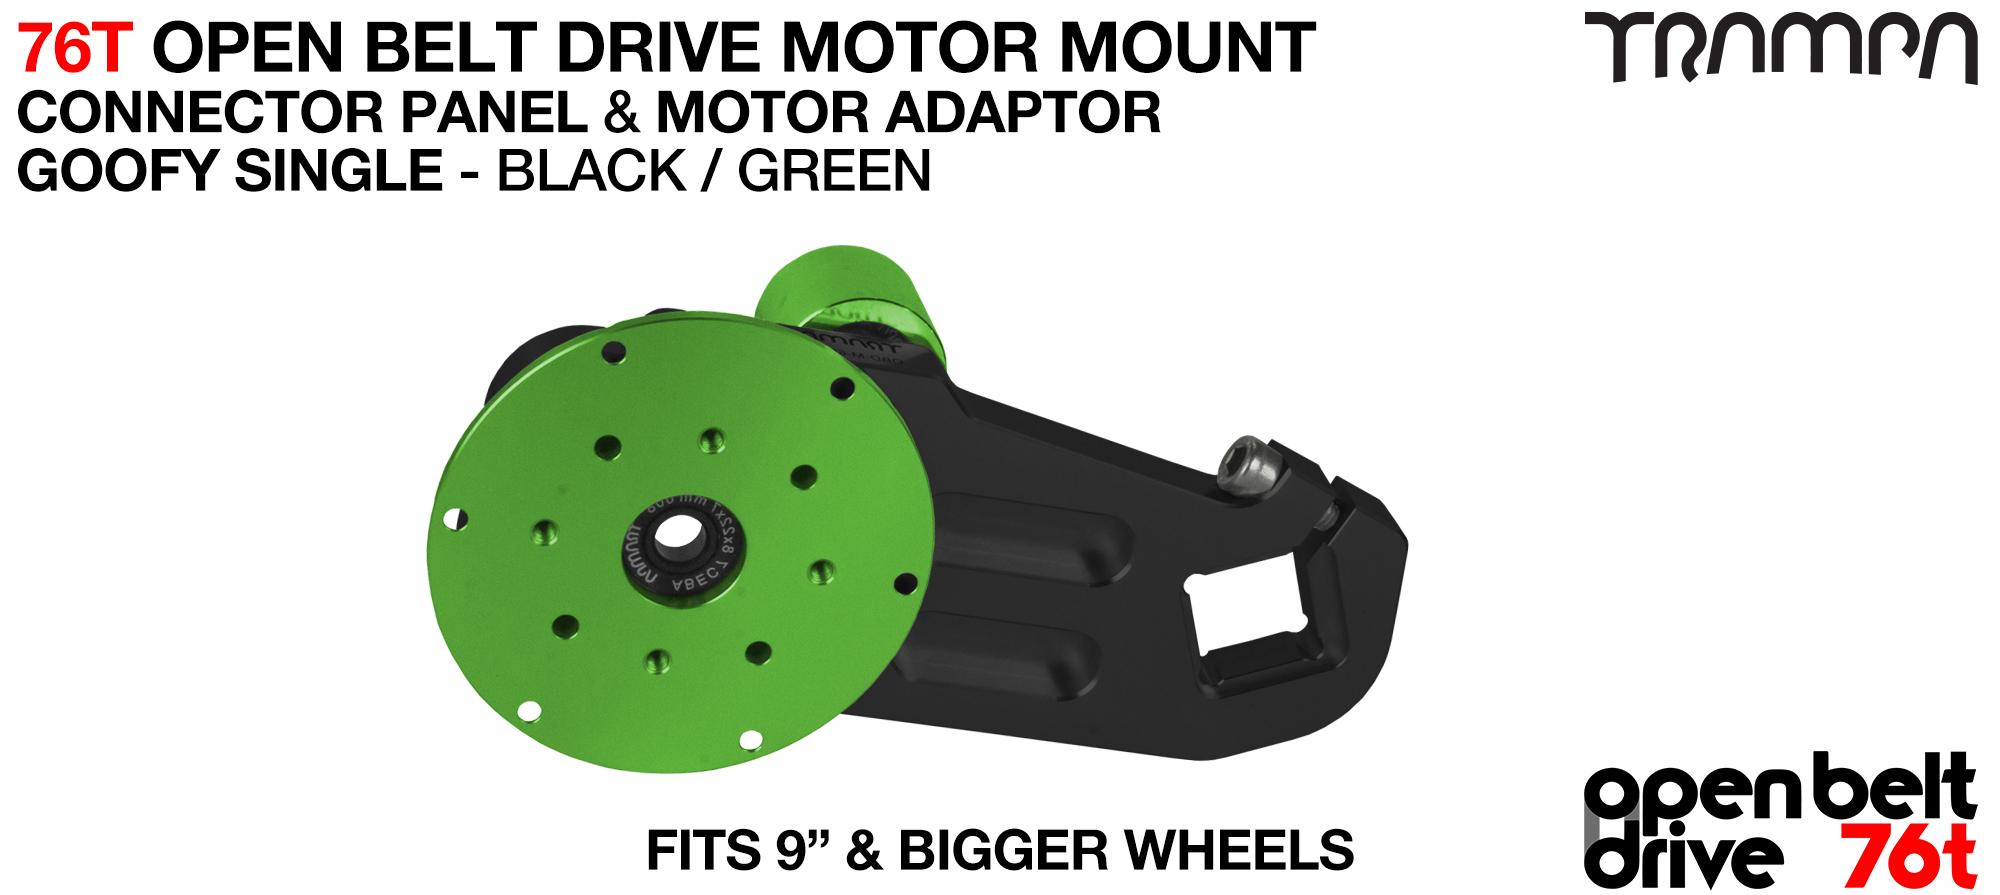 76T Open Belt Drive Motor Mount & Motor Adaptor - SINGLE GREEN